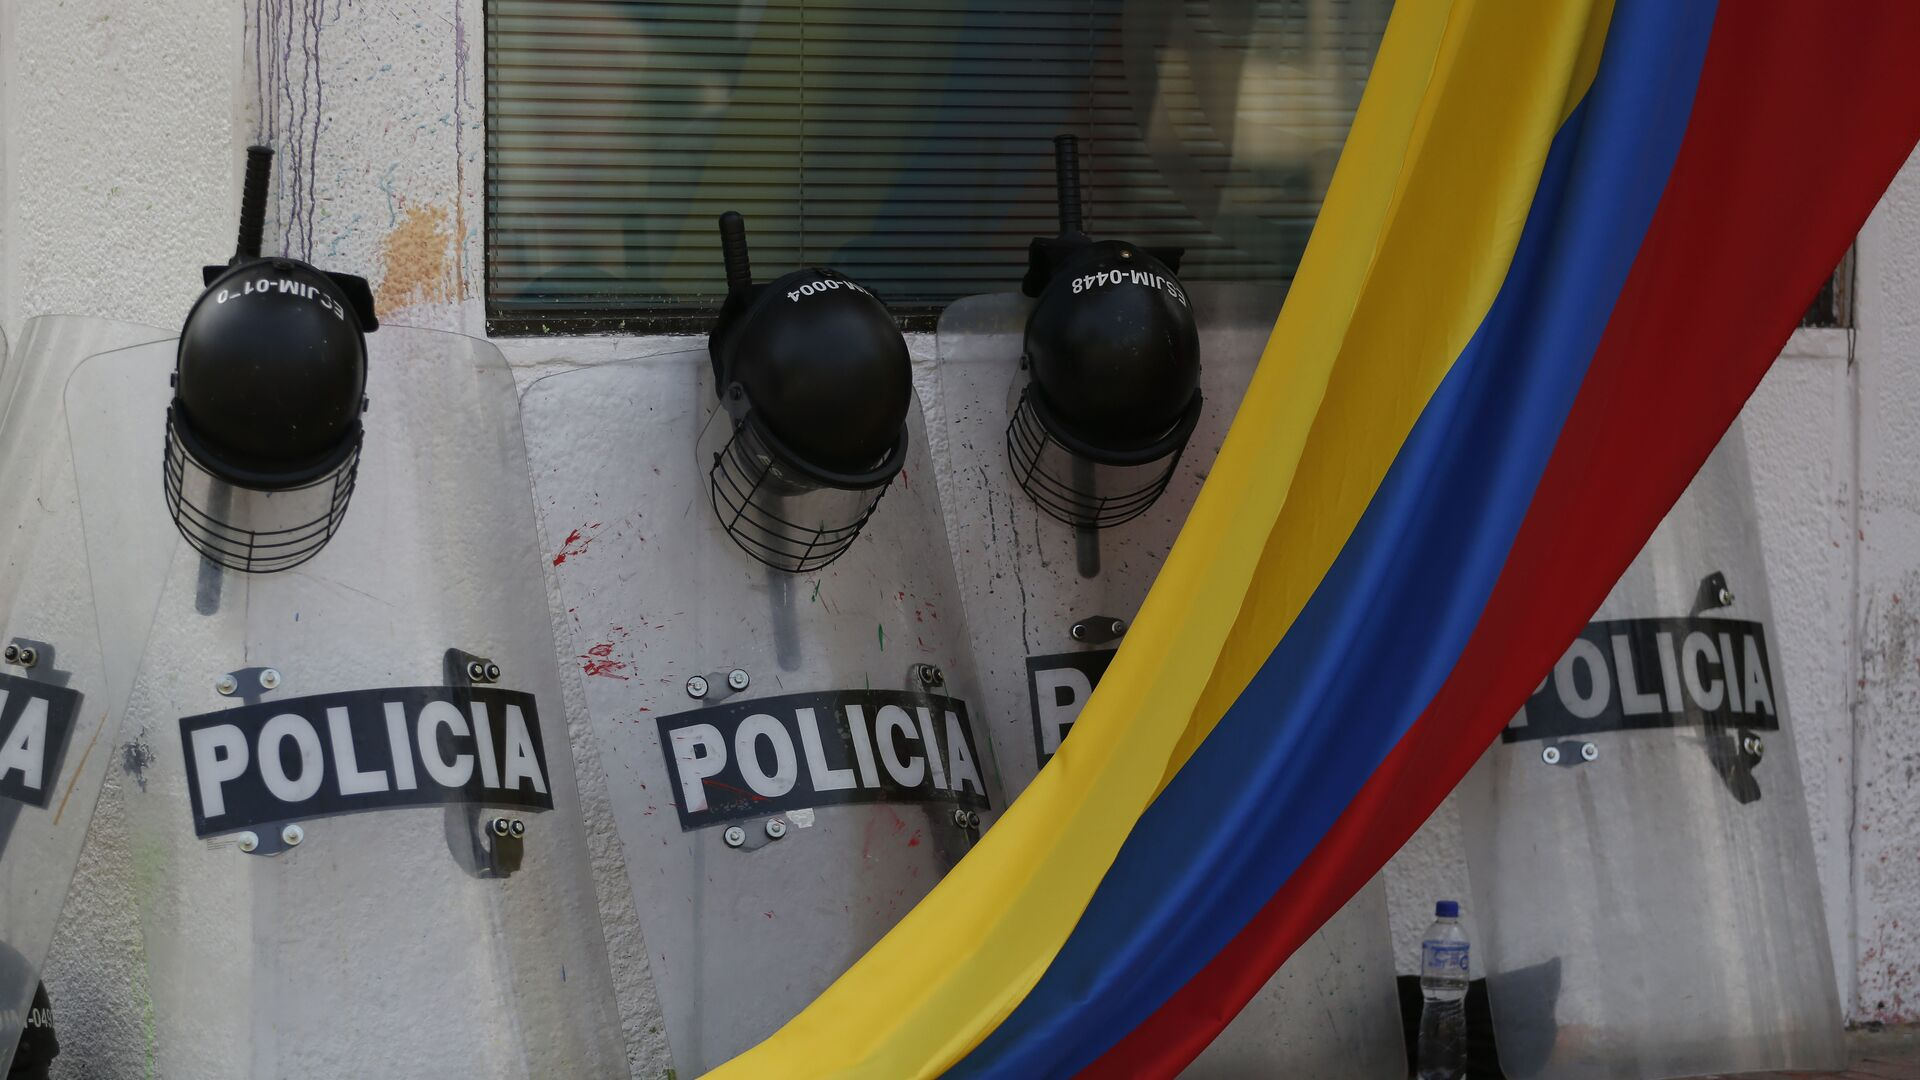 Escudos de los policías colombianos y la bandera del país (archivo) - Sputnik Mundo, 1920, 30.09.2021